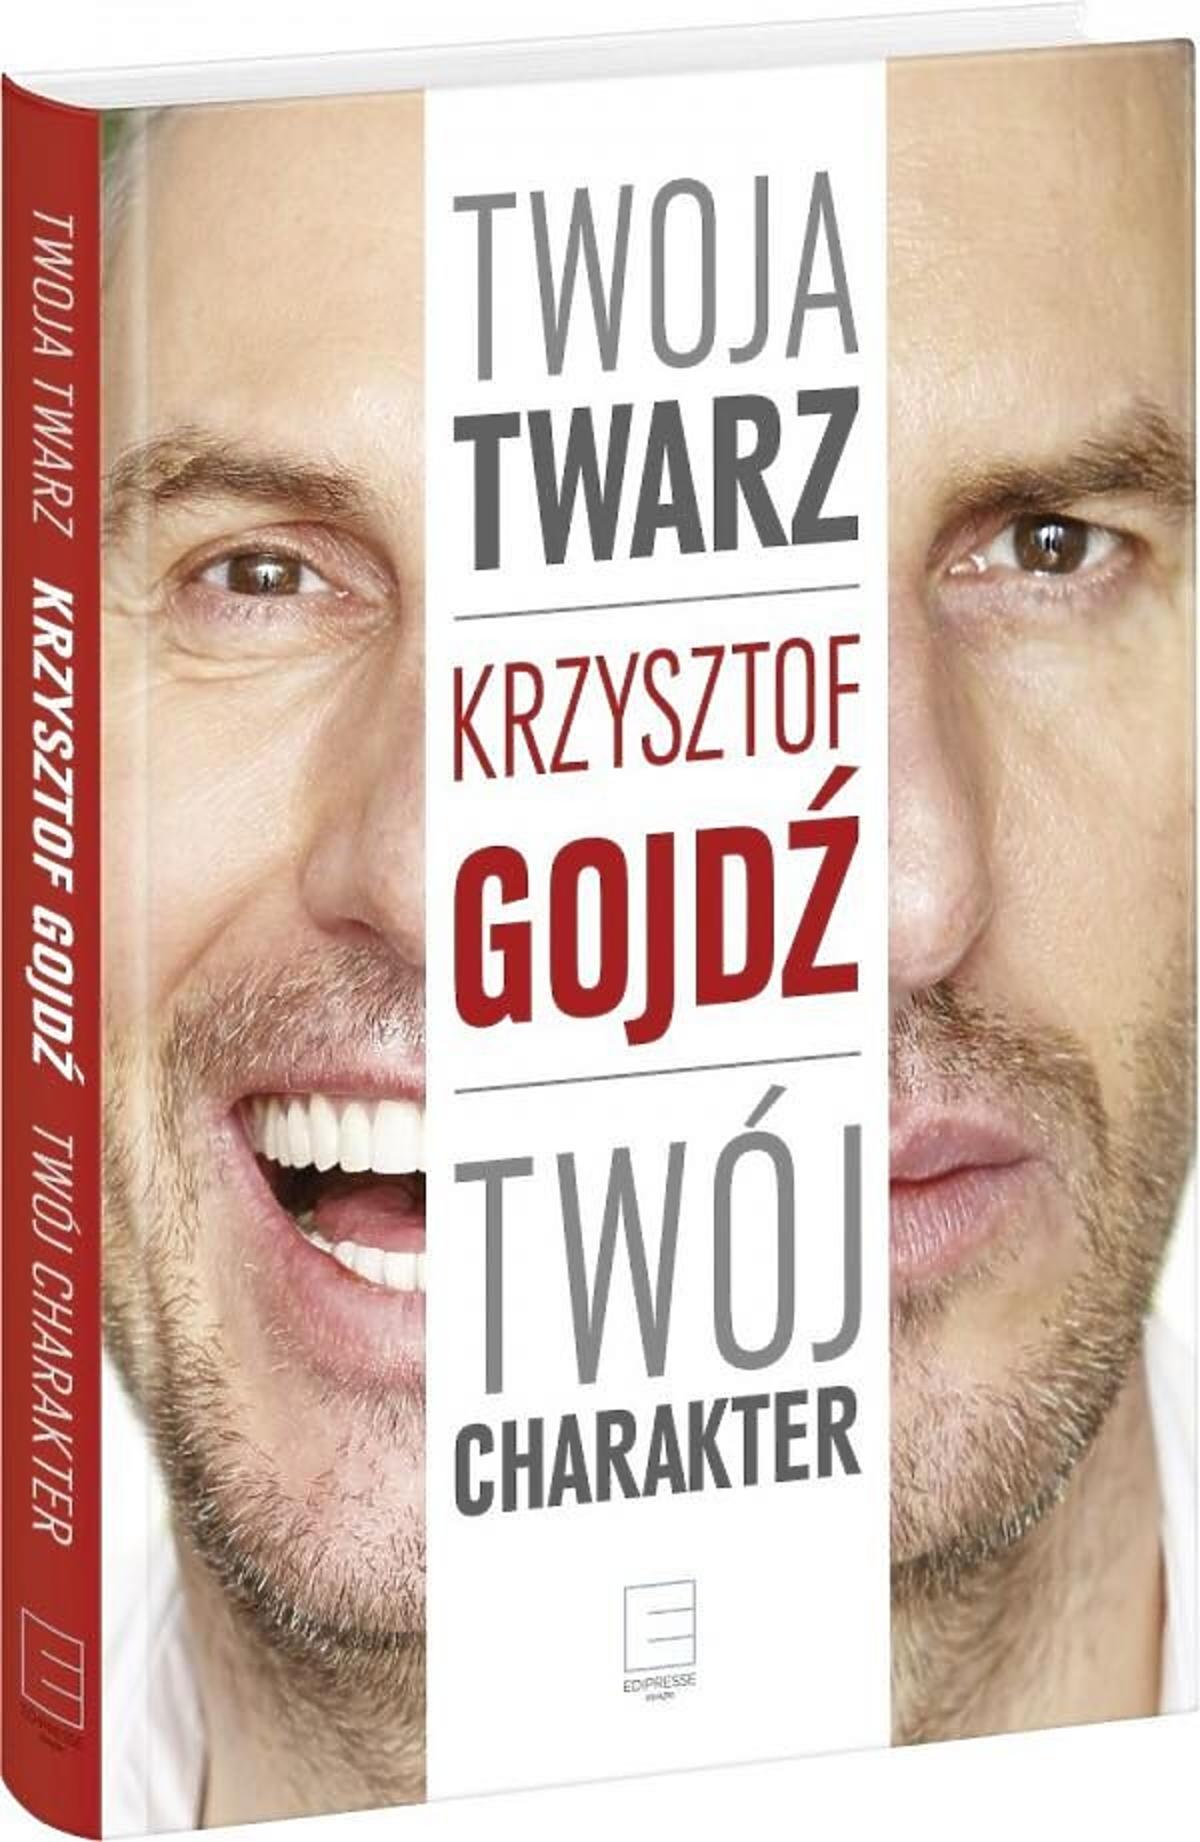 Nowa książka Krzysztofa Gojdzia